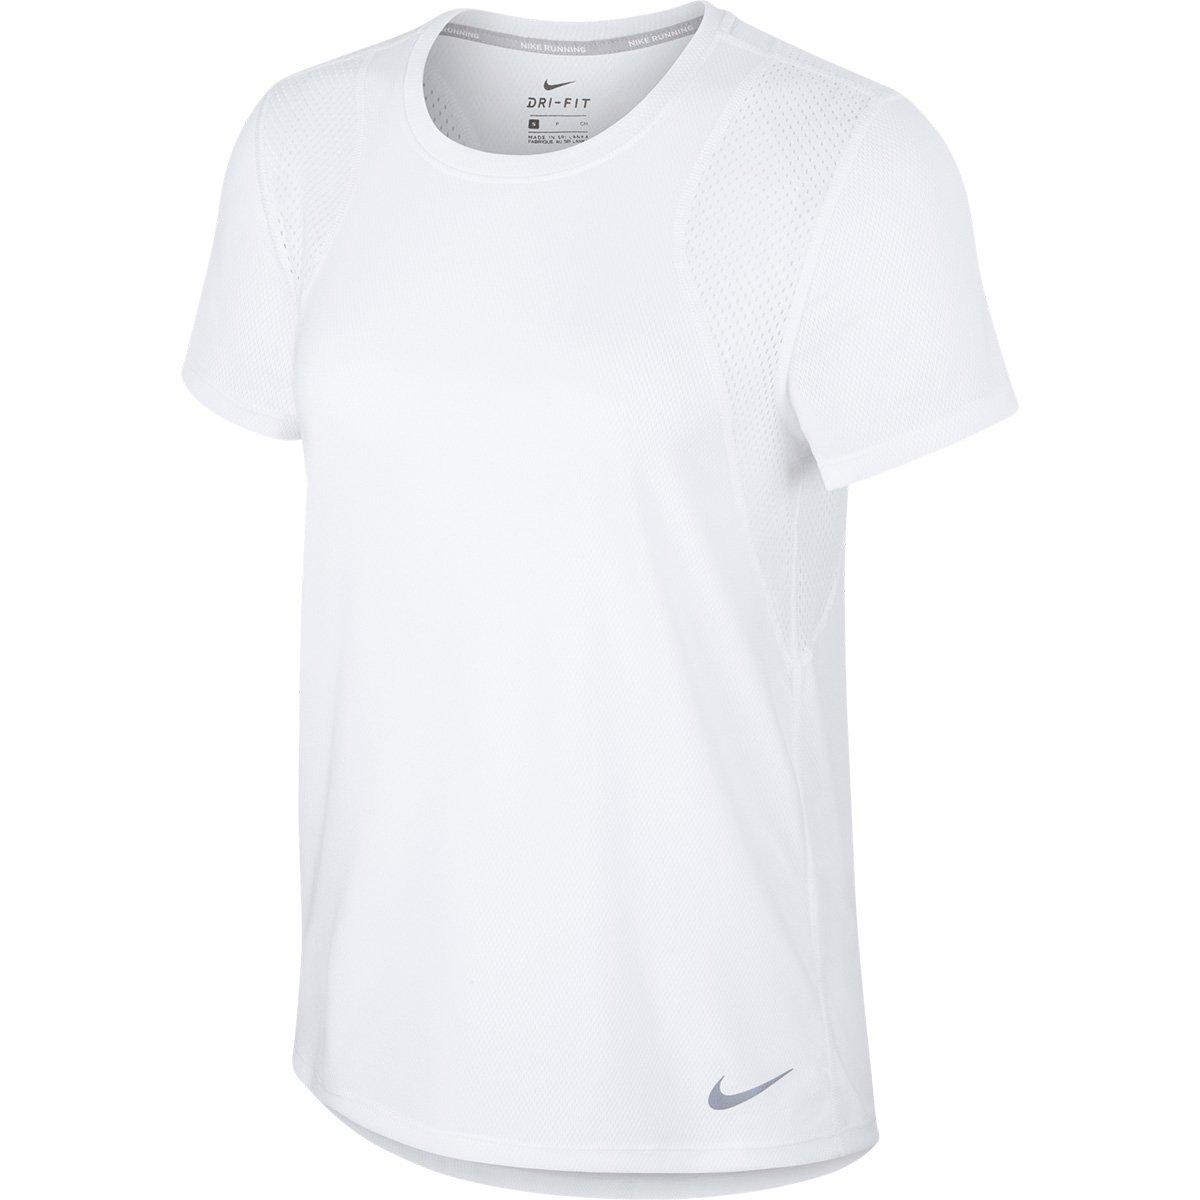 Mejor precio bonito diseño colores y llamativos Camiseta Nike Dri-Fit Run Feminina - Branco